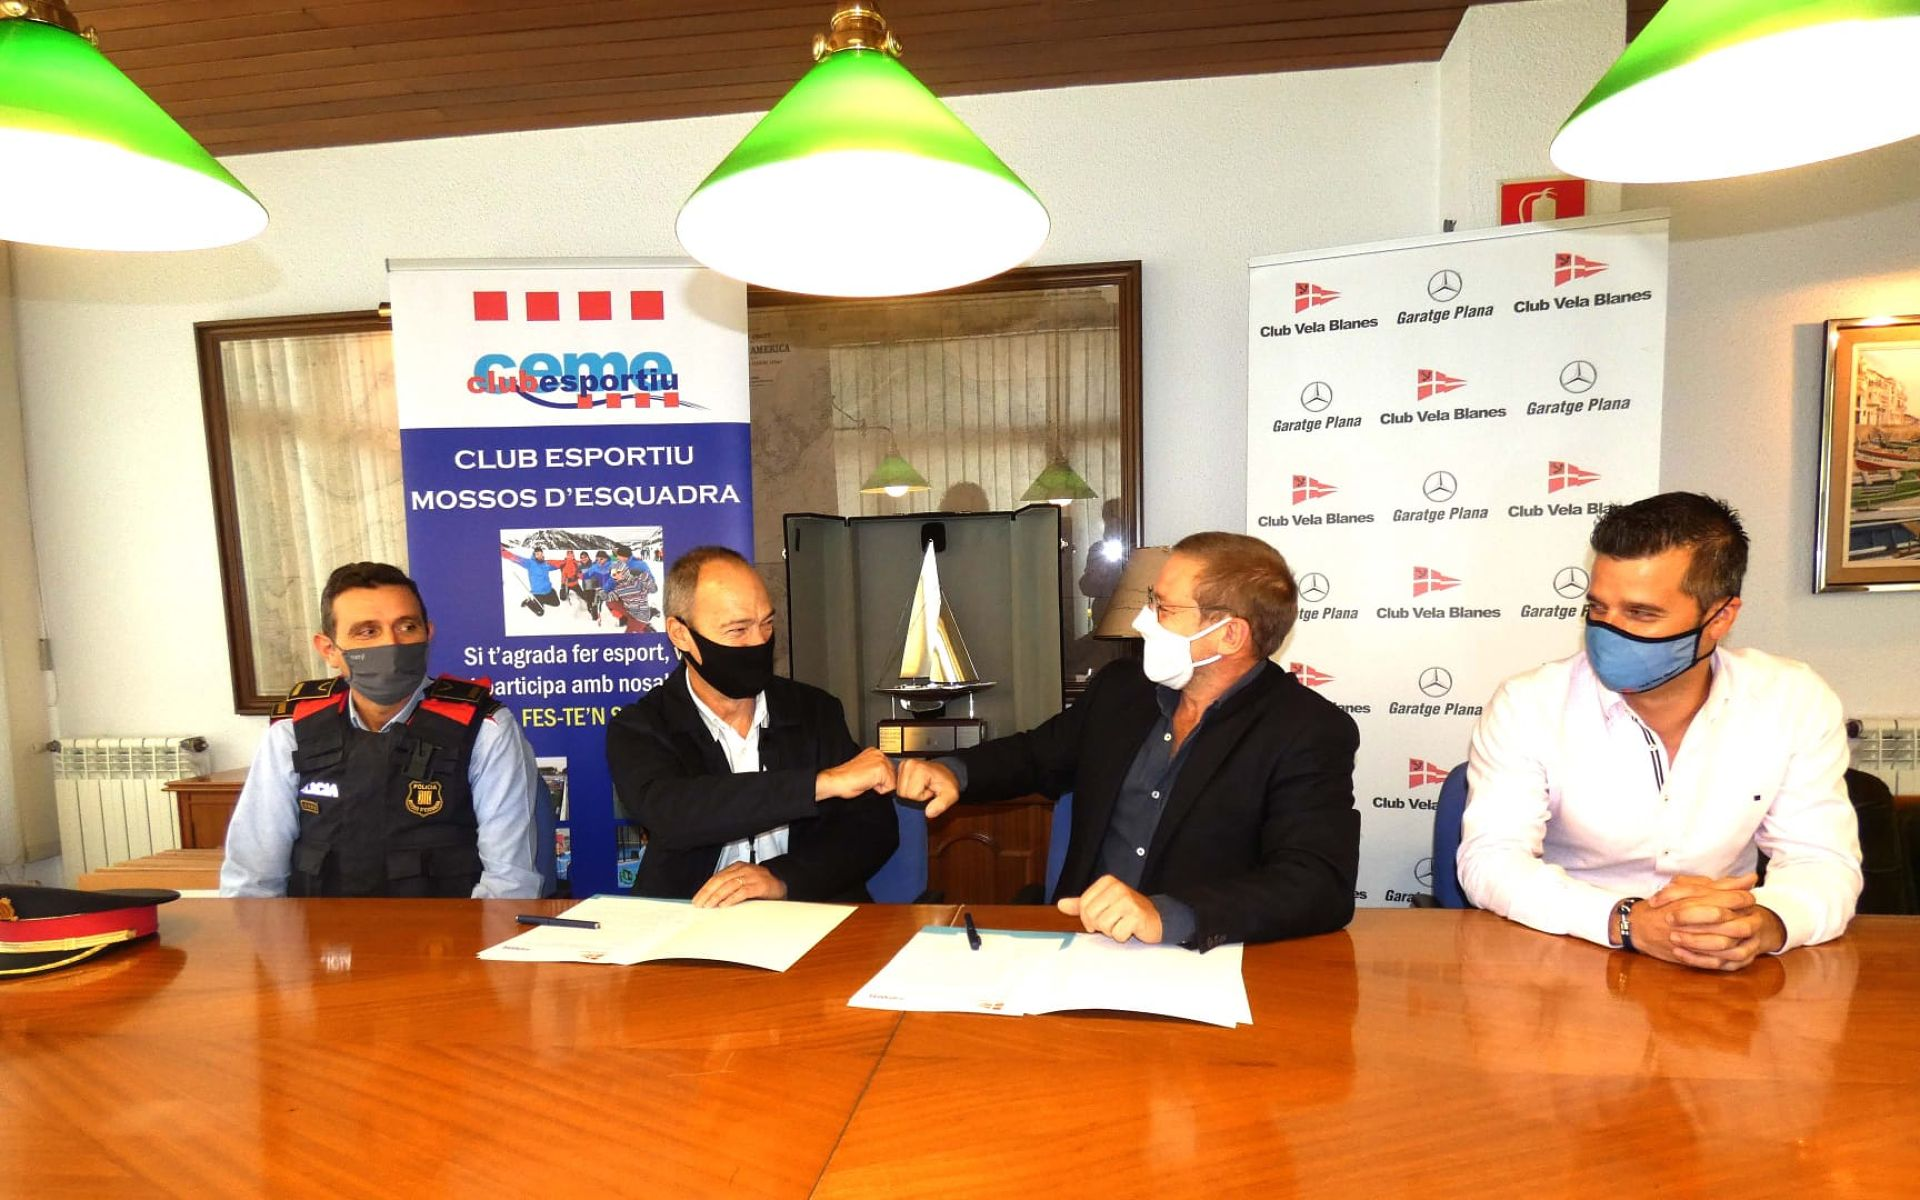 CEME i CVB signen un conveni de col·laboració d'àmbit esportiu i solidari.